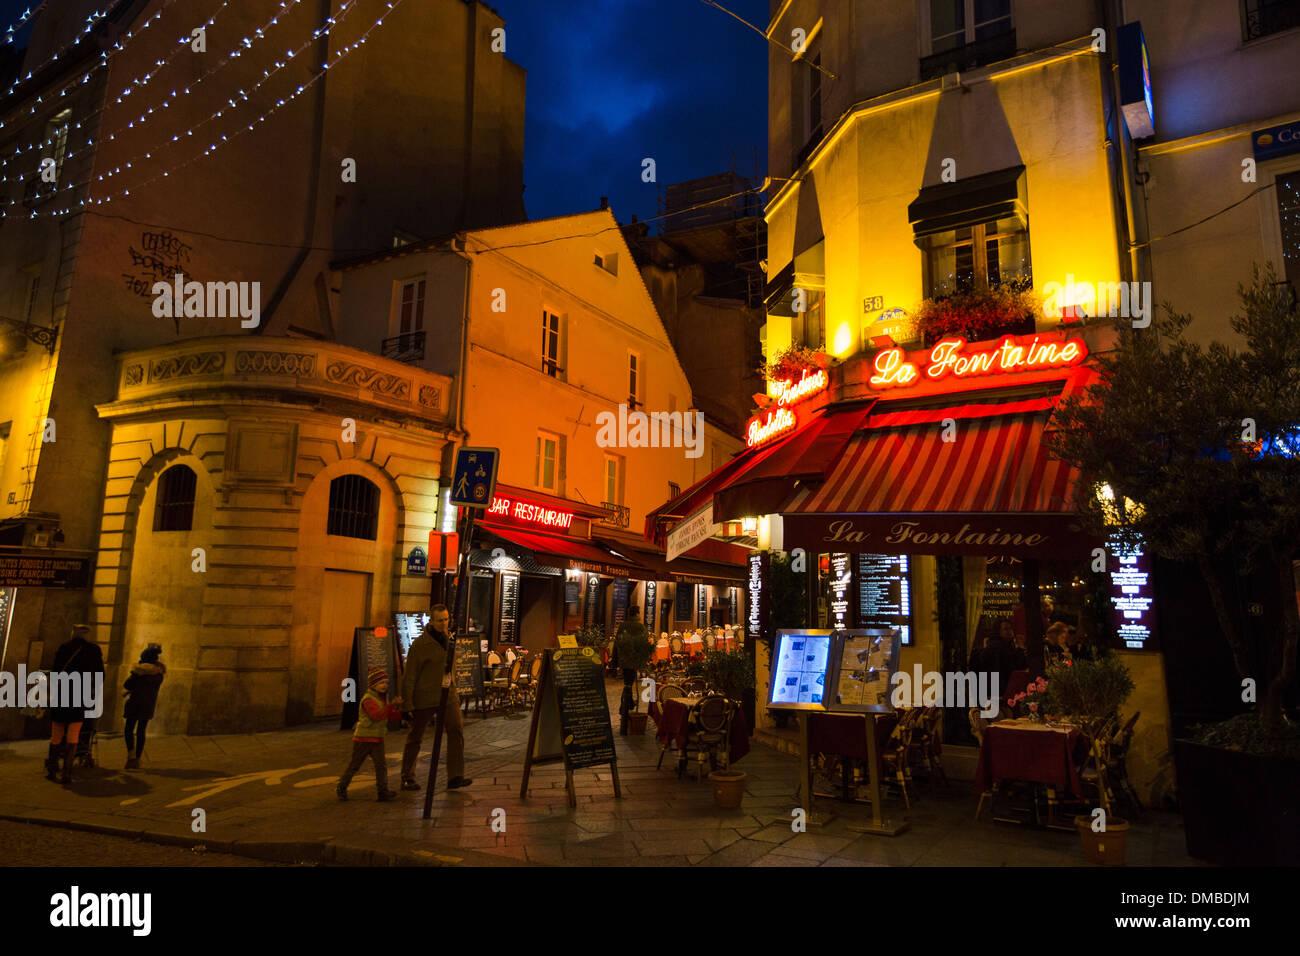 La Fontaine de la Mouffe restaurant on Rue Mouffetard in the Latin ...